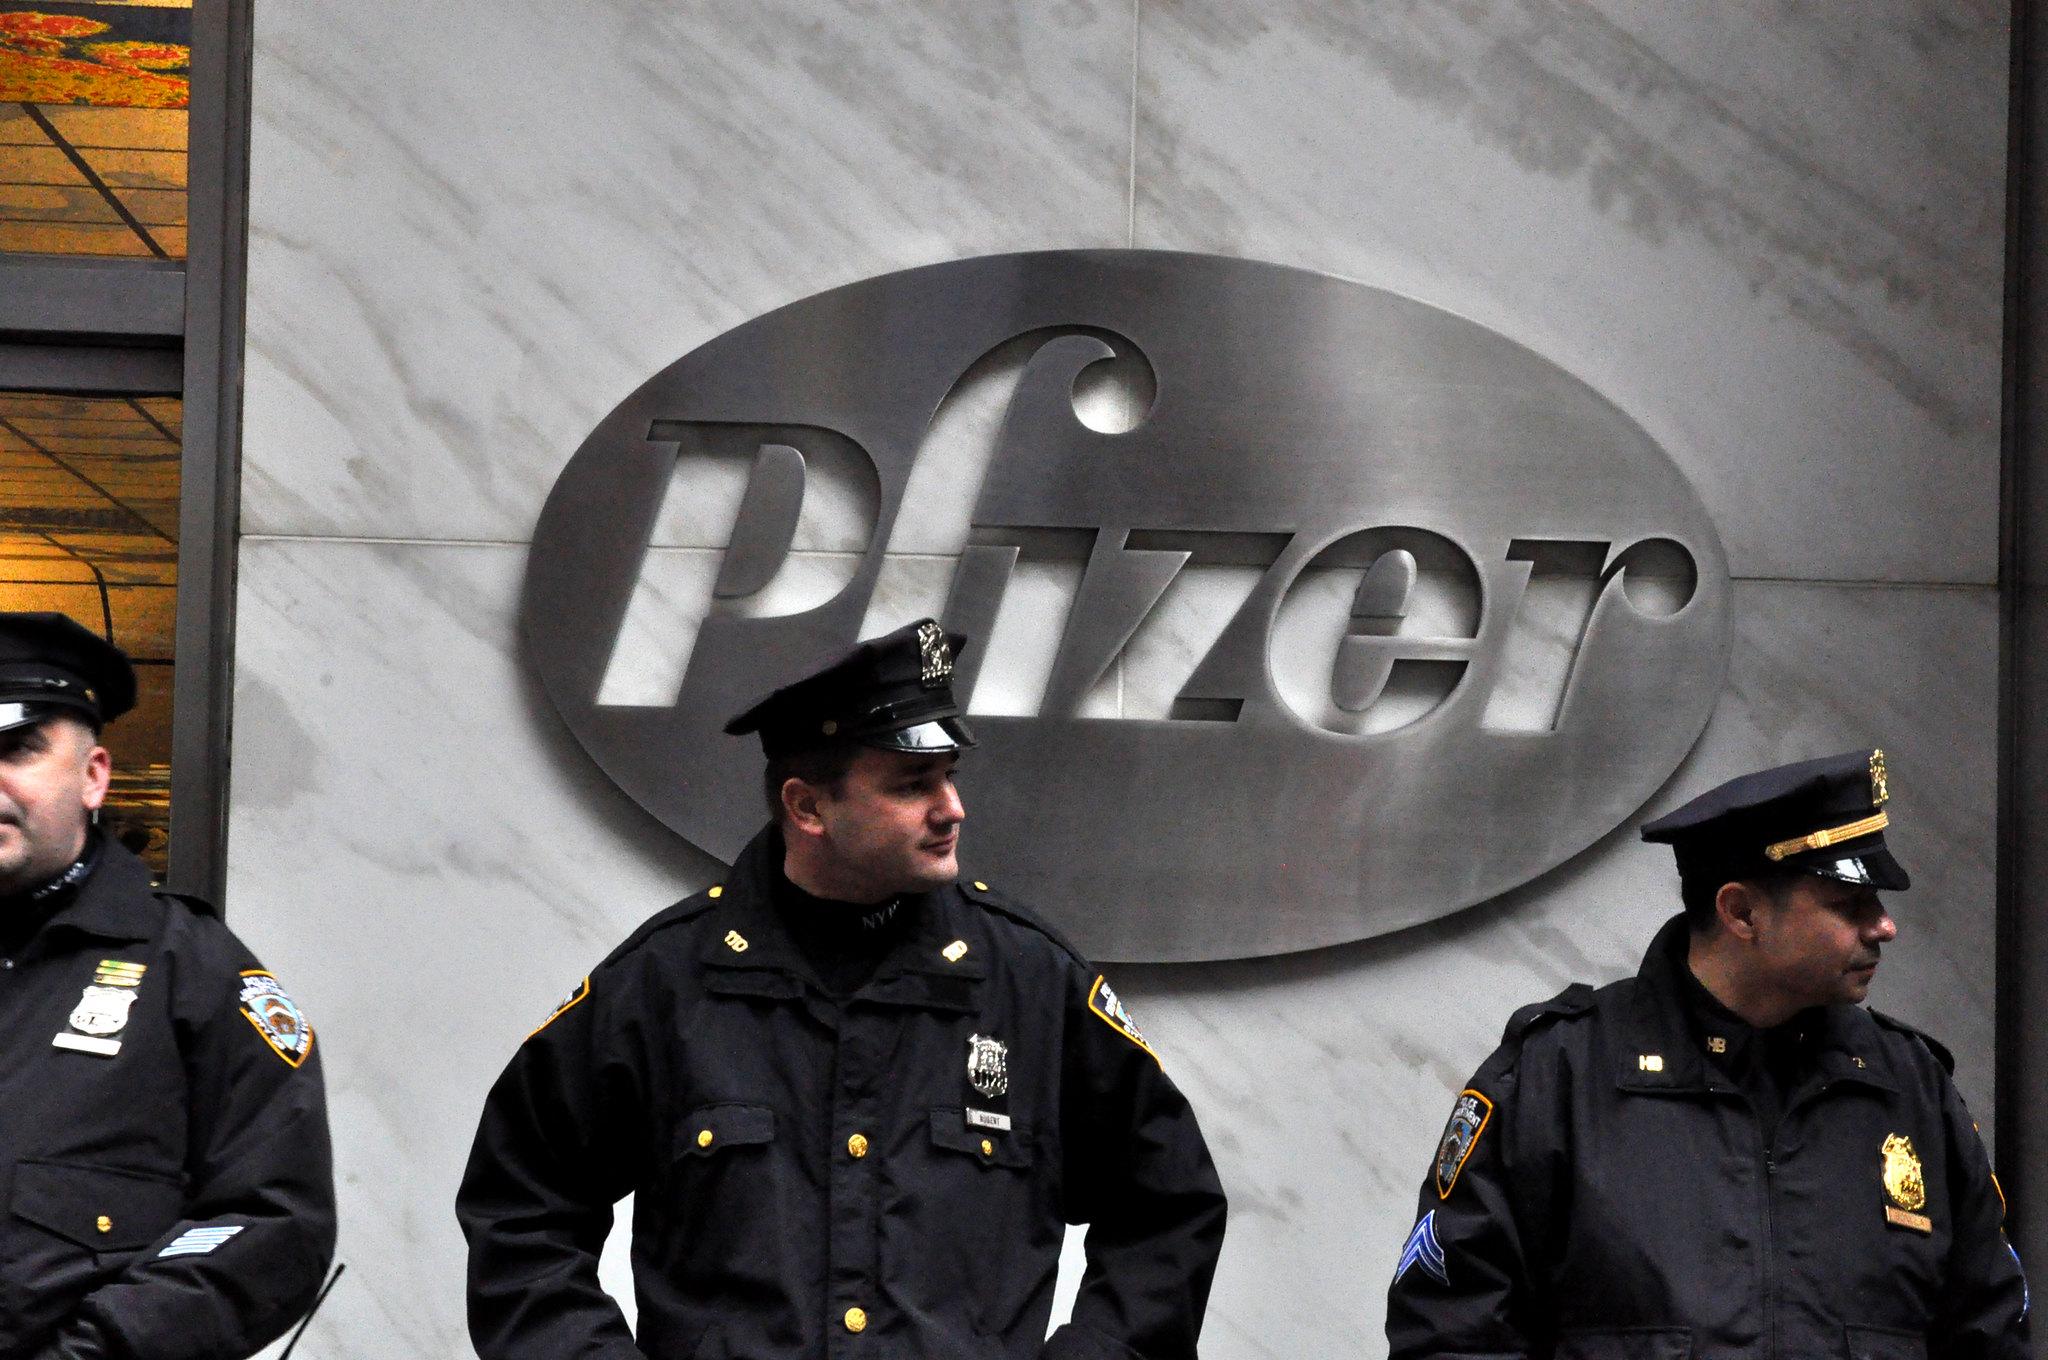 Oficiales de policía resguardan las oficinas de Pfizer en Nueva York. Foto: Michael Fleshman / Flickr